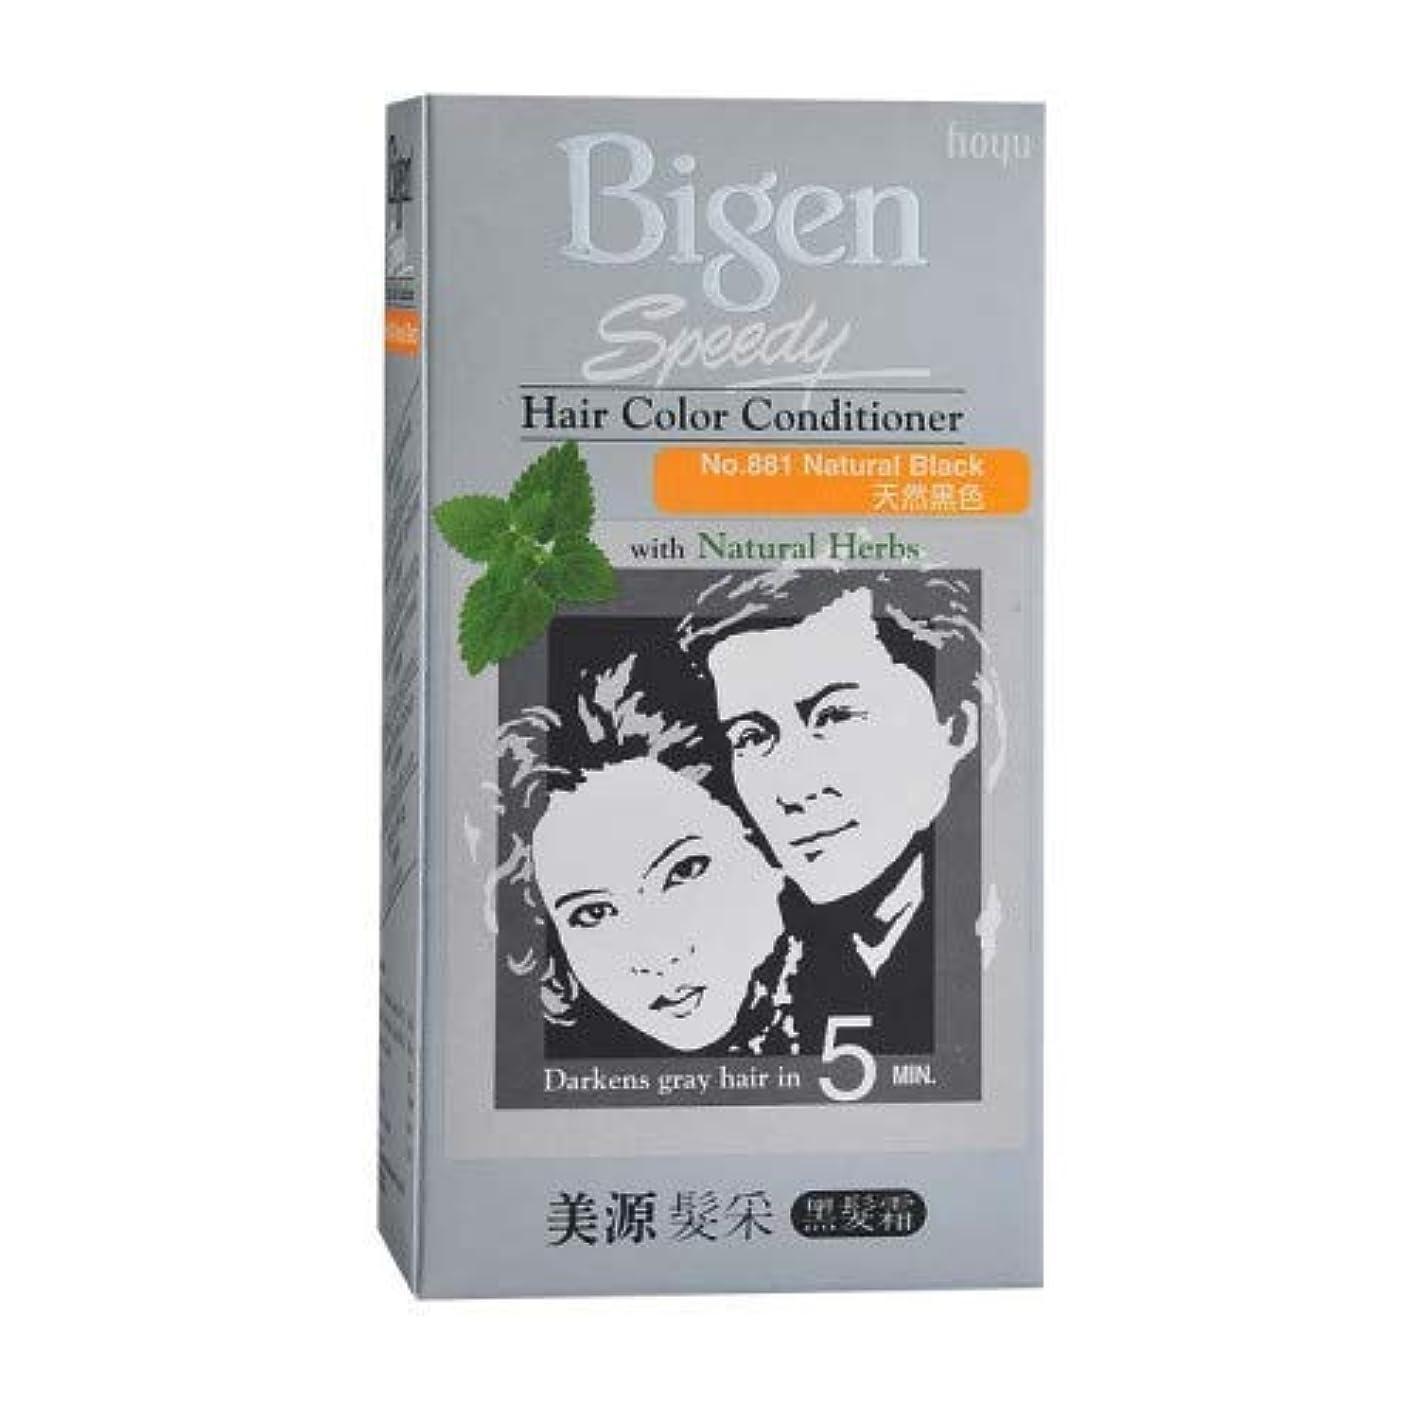 ピニオン秘密のトークBIGEN 高速髪の色自然な黒い髪のケアと天然ハーブ1